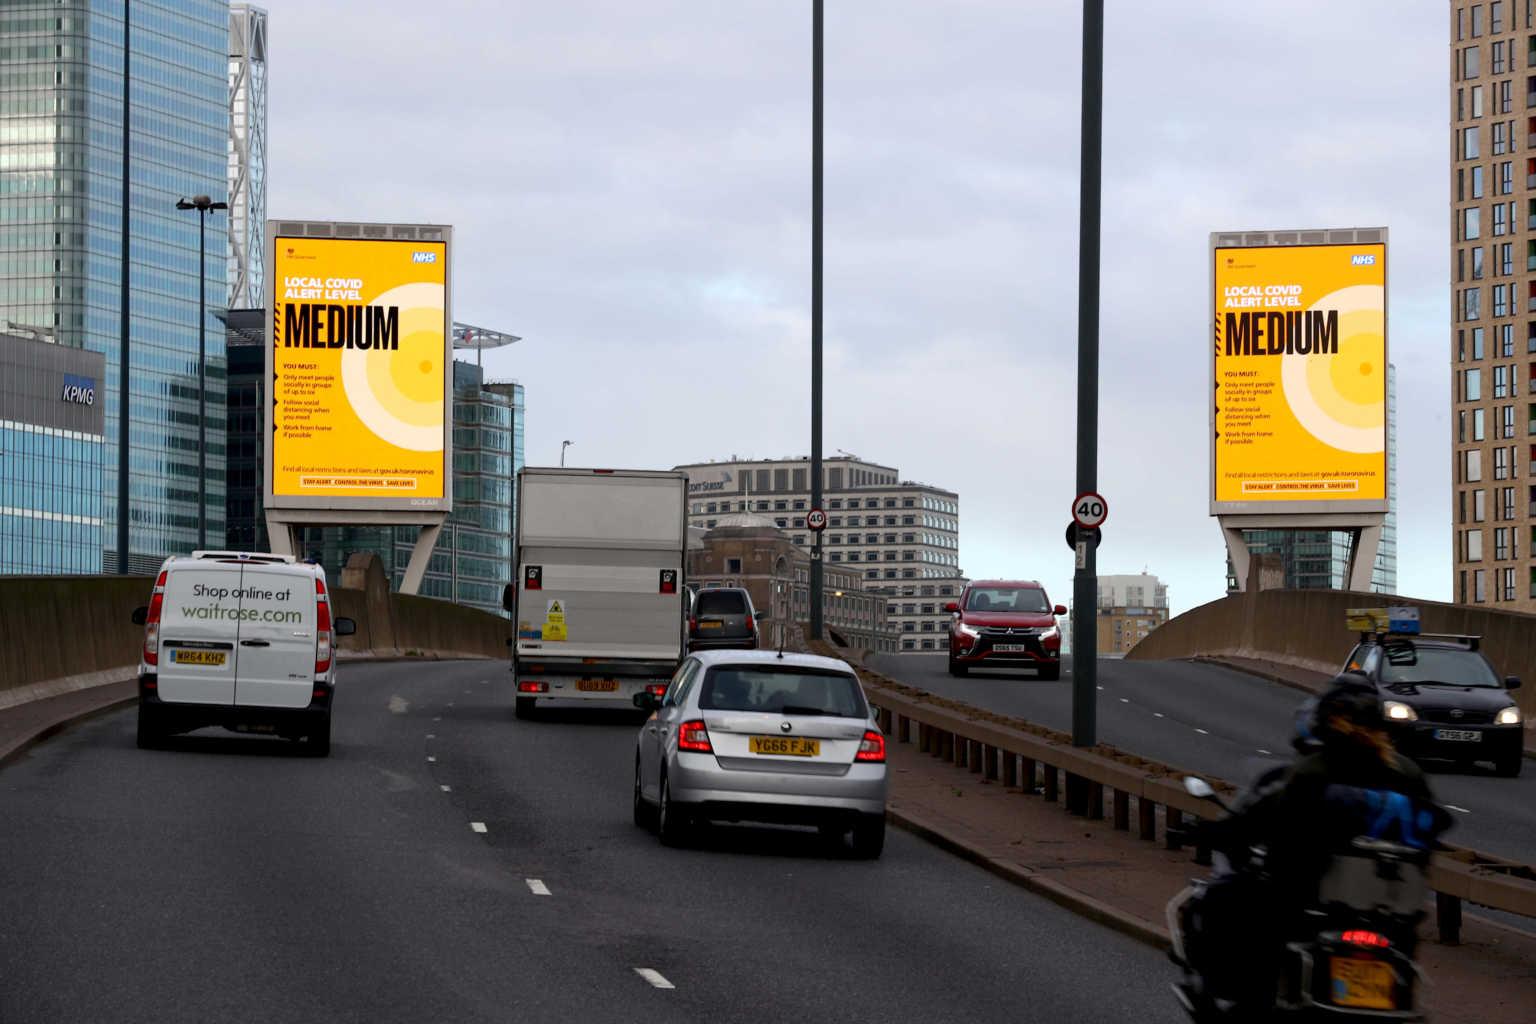 Πνίγεται στον κορονοϊό το Λονδίνο! Νέα αυστηρότερα μέτρα και έτοιμα νοσοκομεία εκστρατείας!